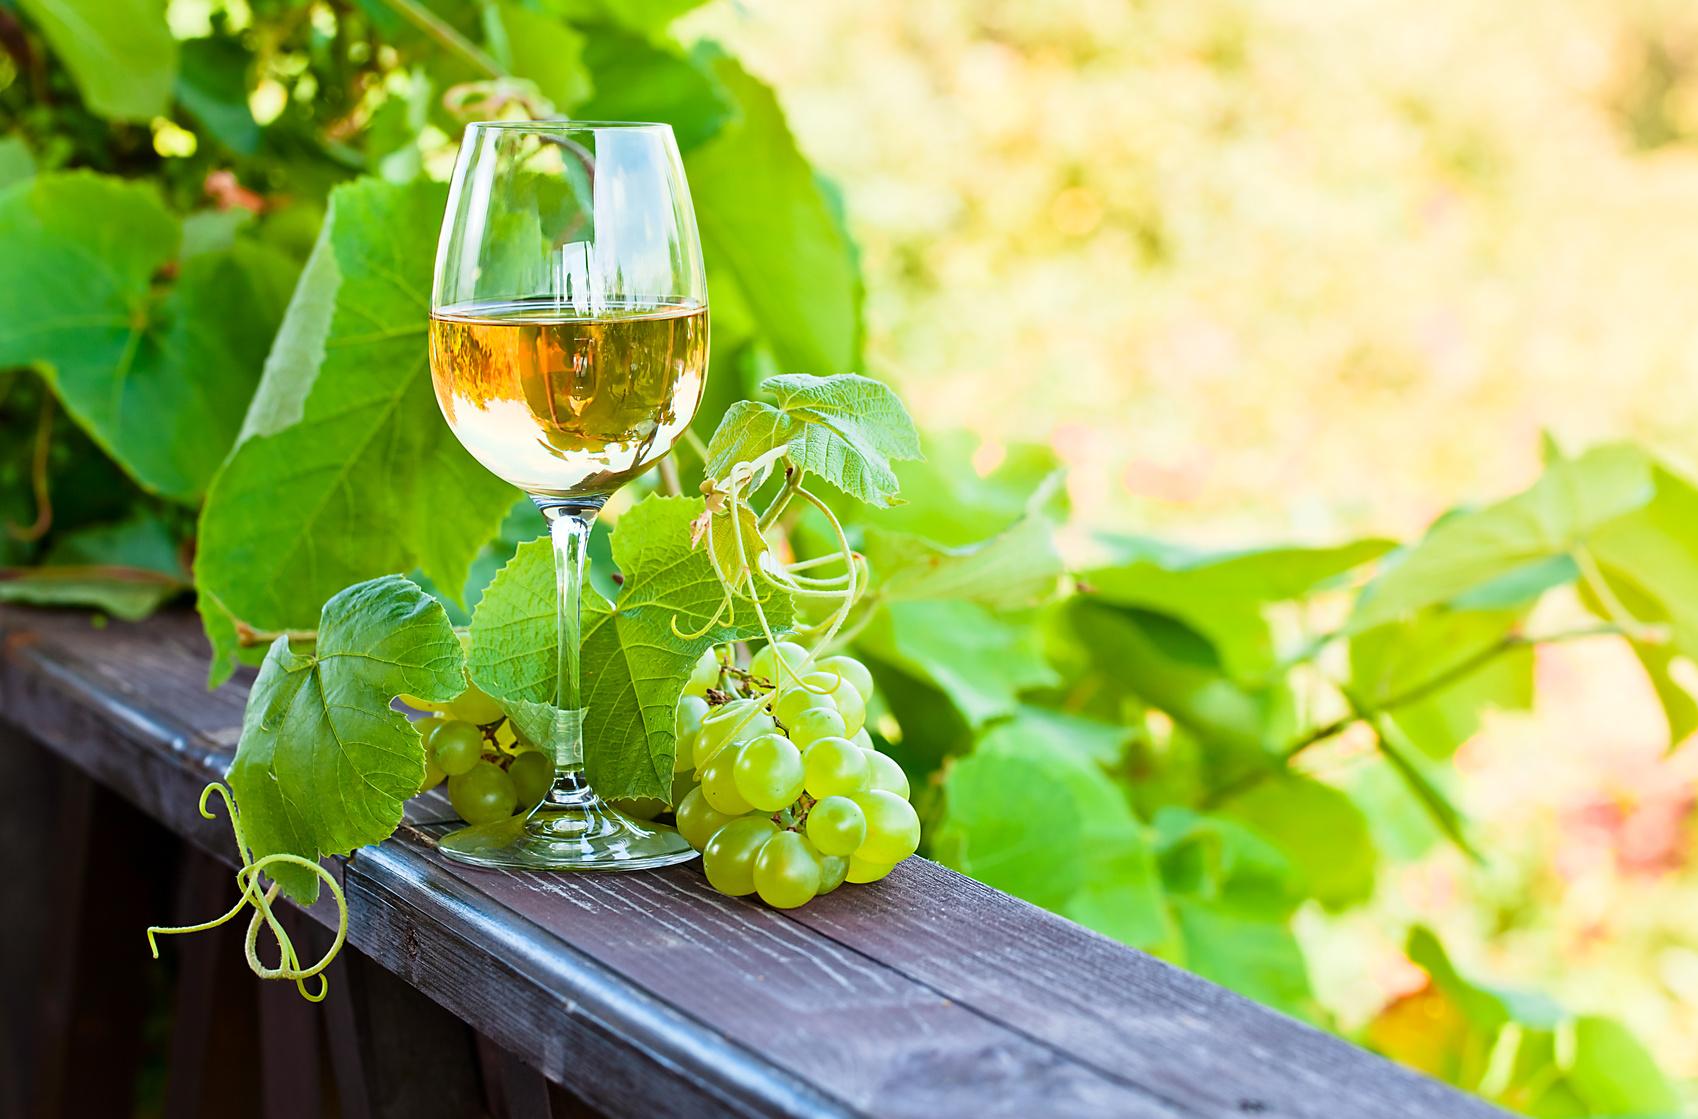 Napój sarmaty. Charakterystyka białego wina.